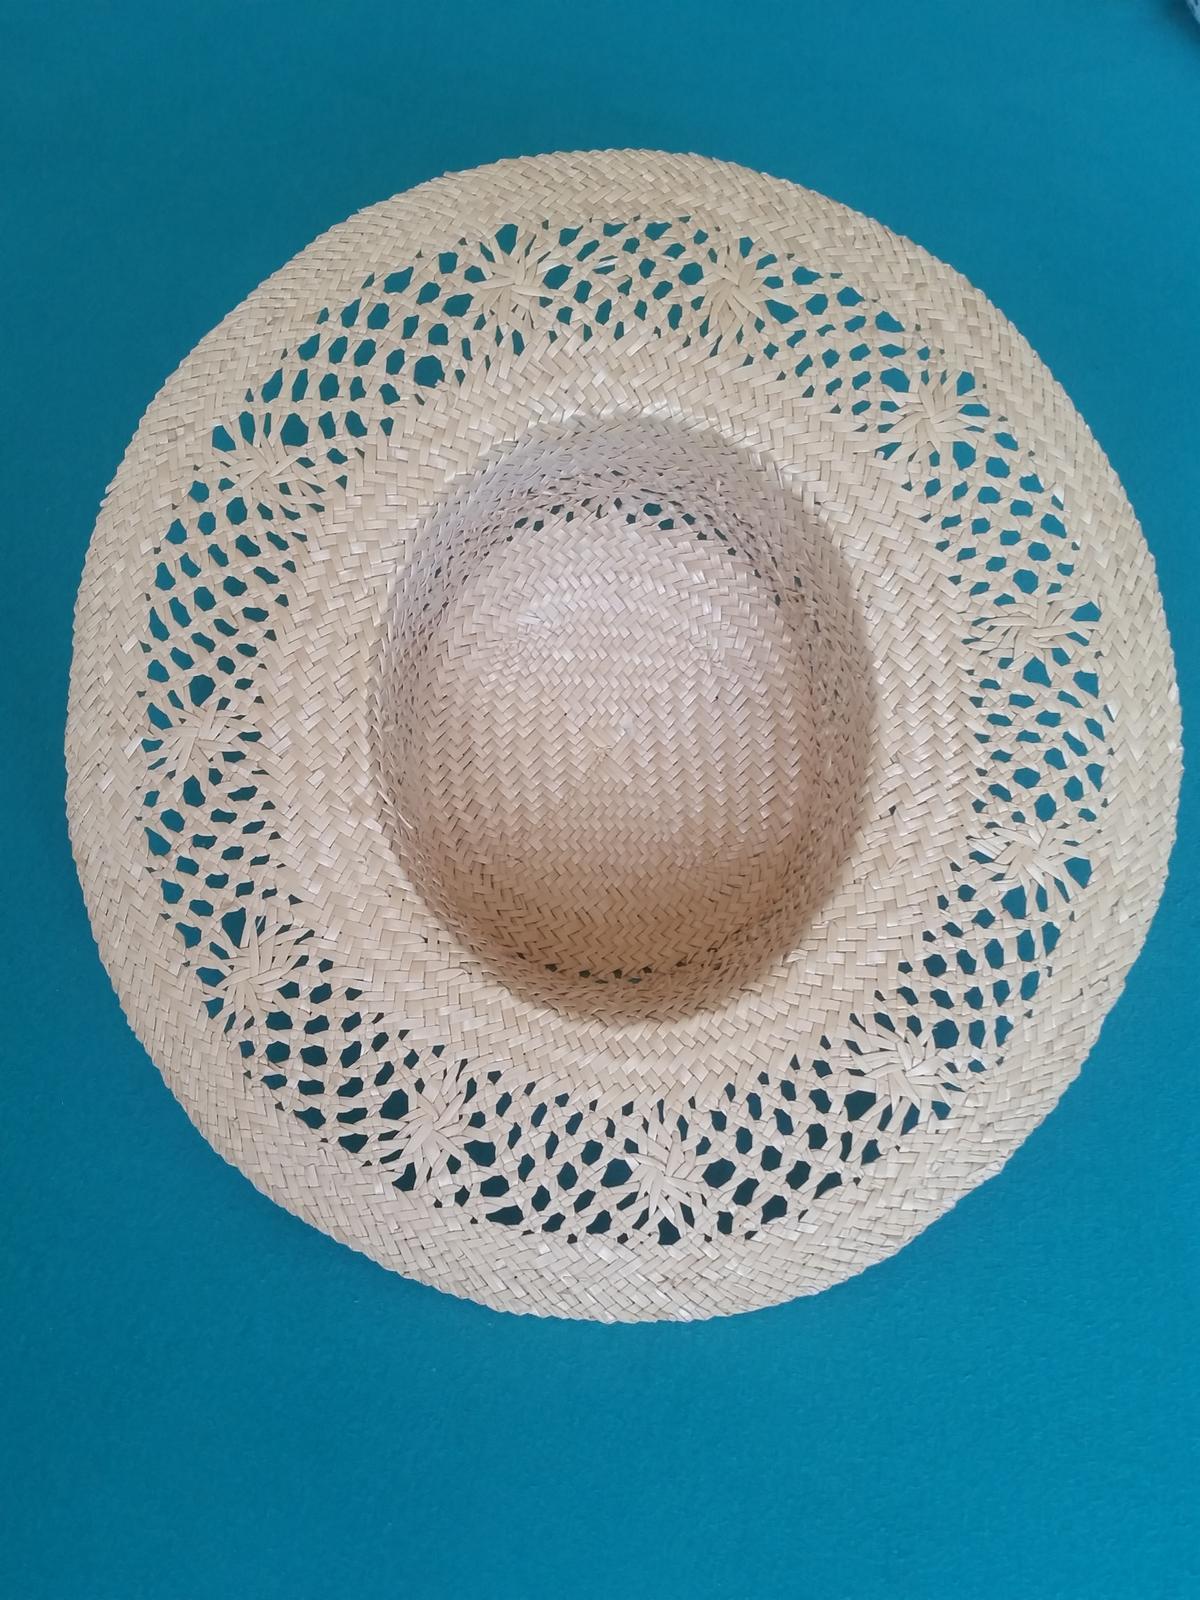 slaměný klobouk - vhodný i jako dekorace - Obrázek č. 3